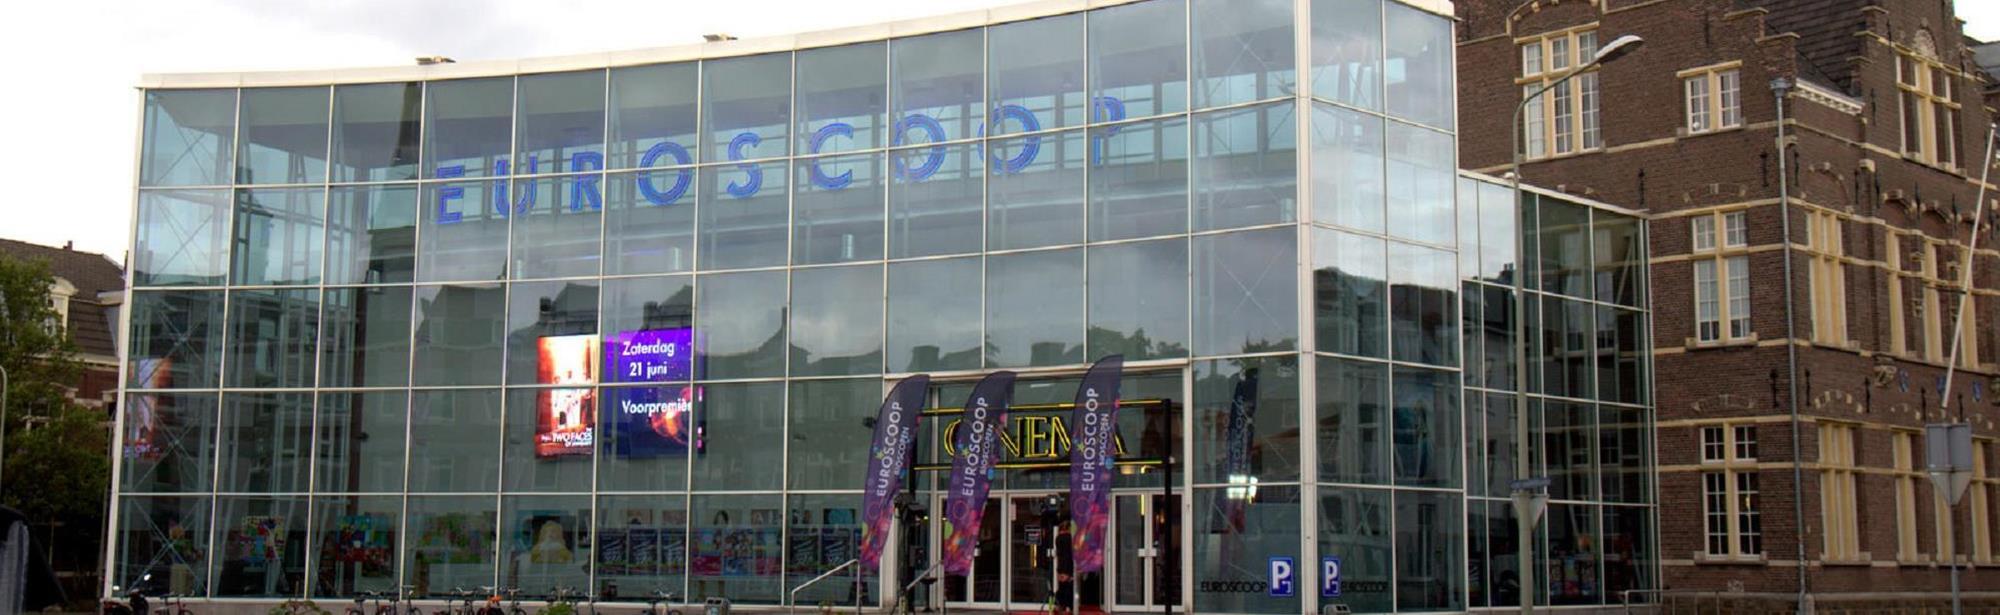 Euroscoop Maastricht